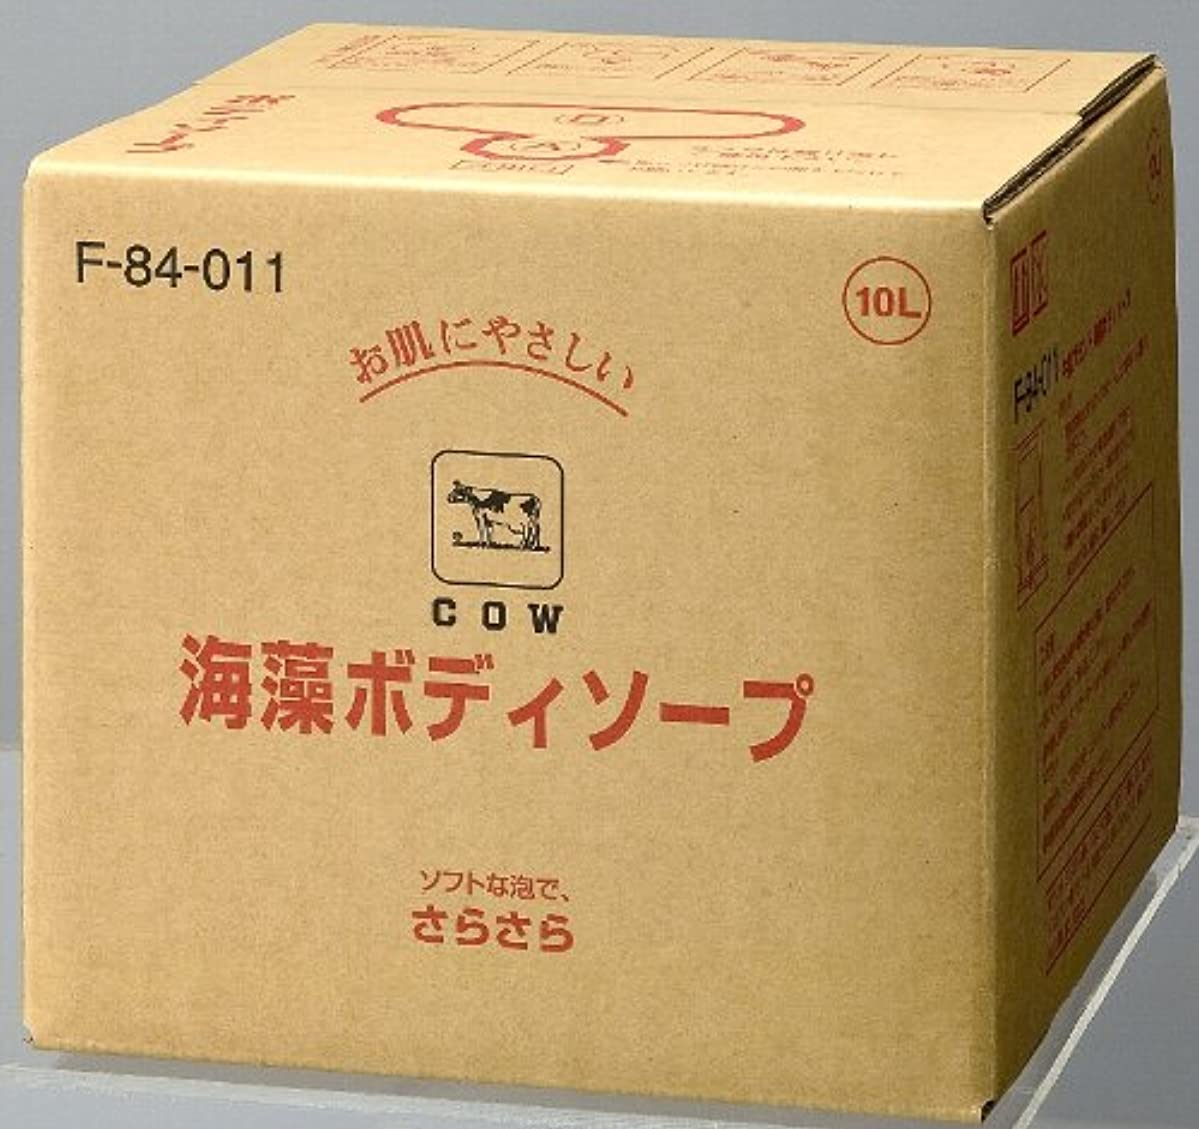 勤勉貧困船【業務用】カウブランド海藻ボディソープ 10L